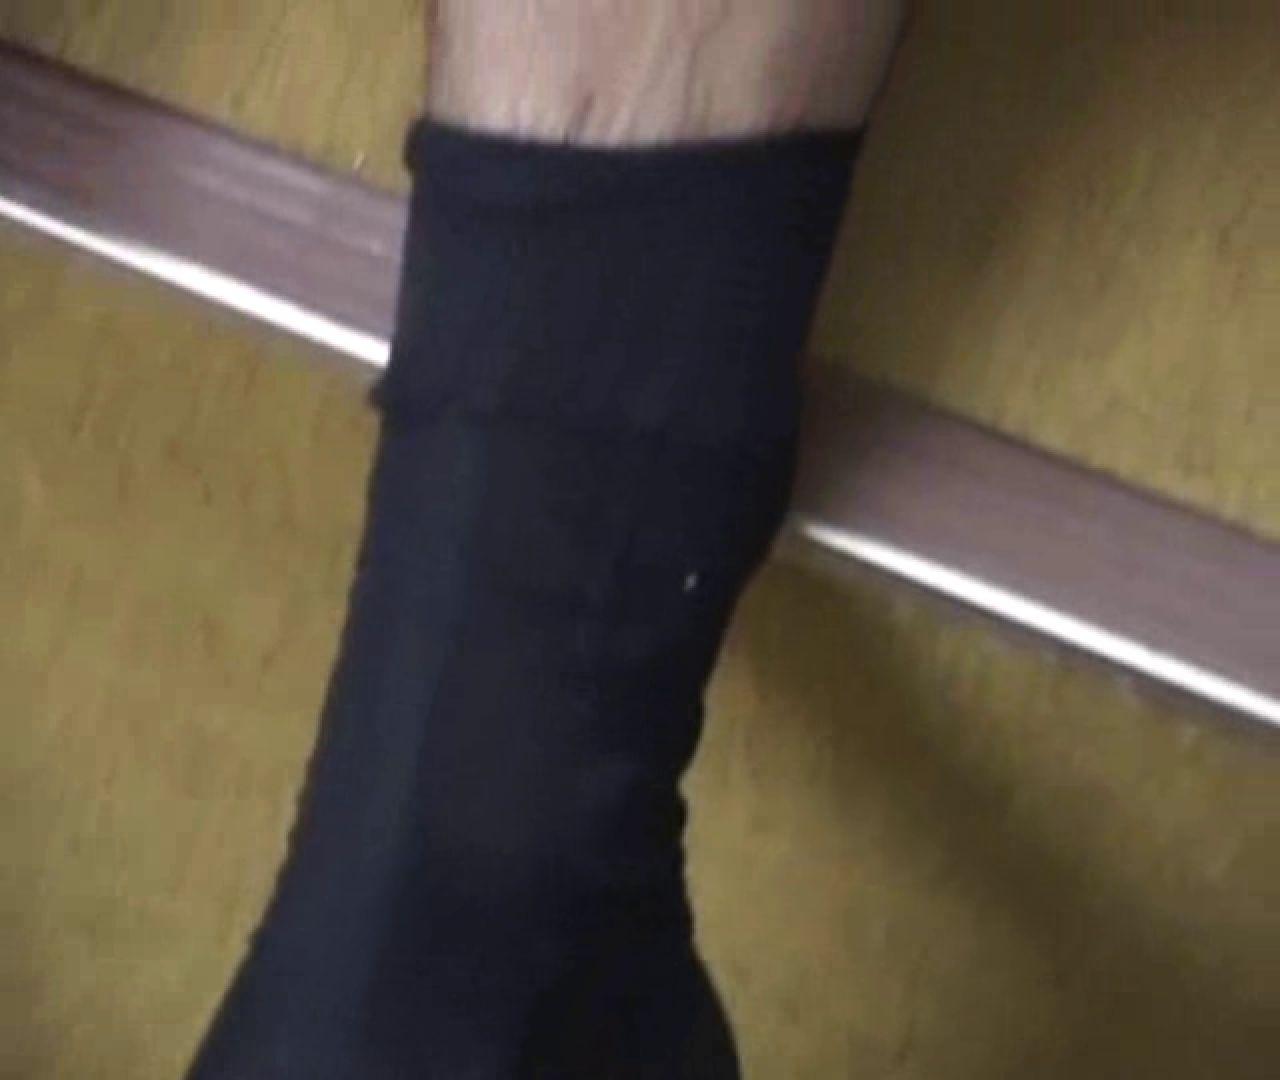 大集合!!カッコ可愛いメンズの一穴入根!!.VOL89 ゲイのオナニー映像  103枚 8